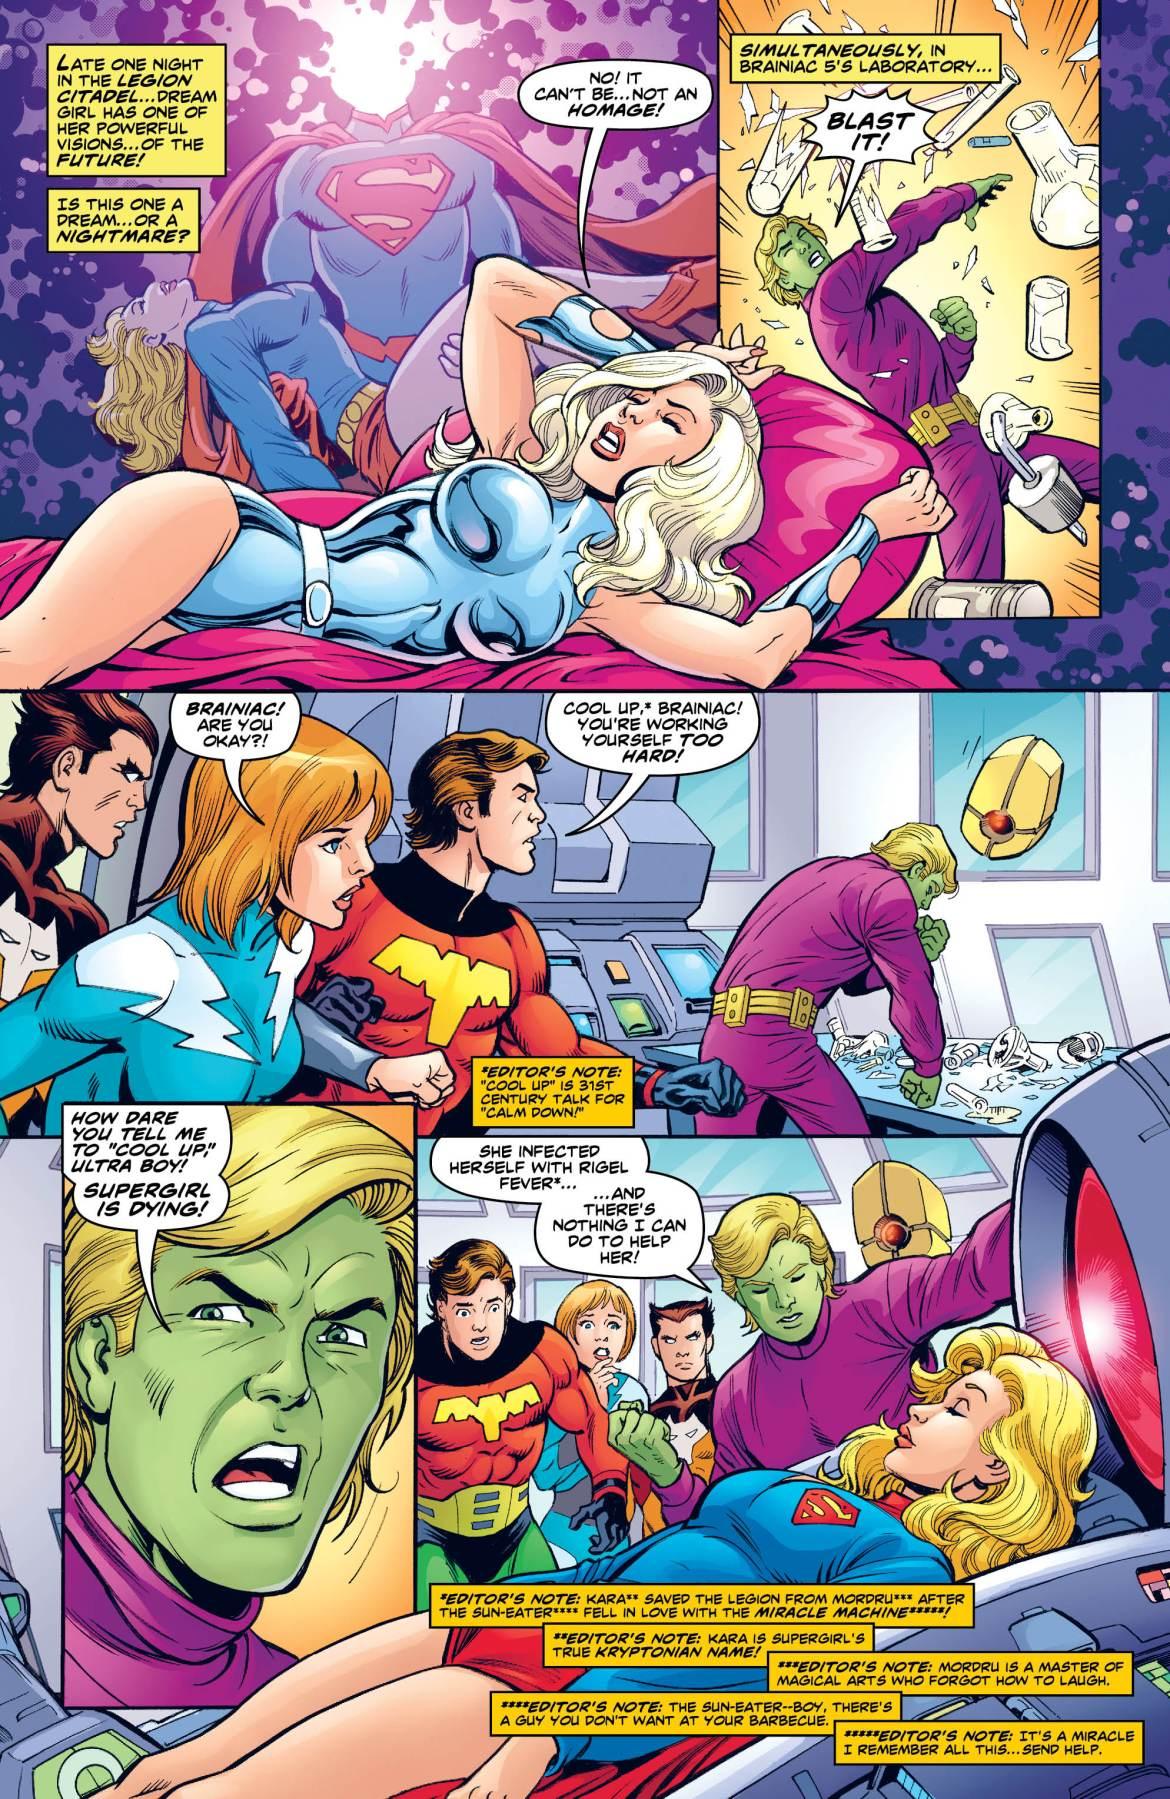 Legion of Super-Heroes Bugs Bunny 2 - DC Comics News